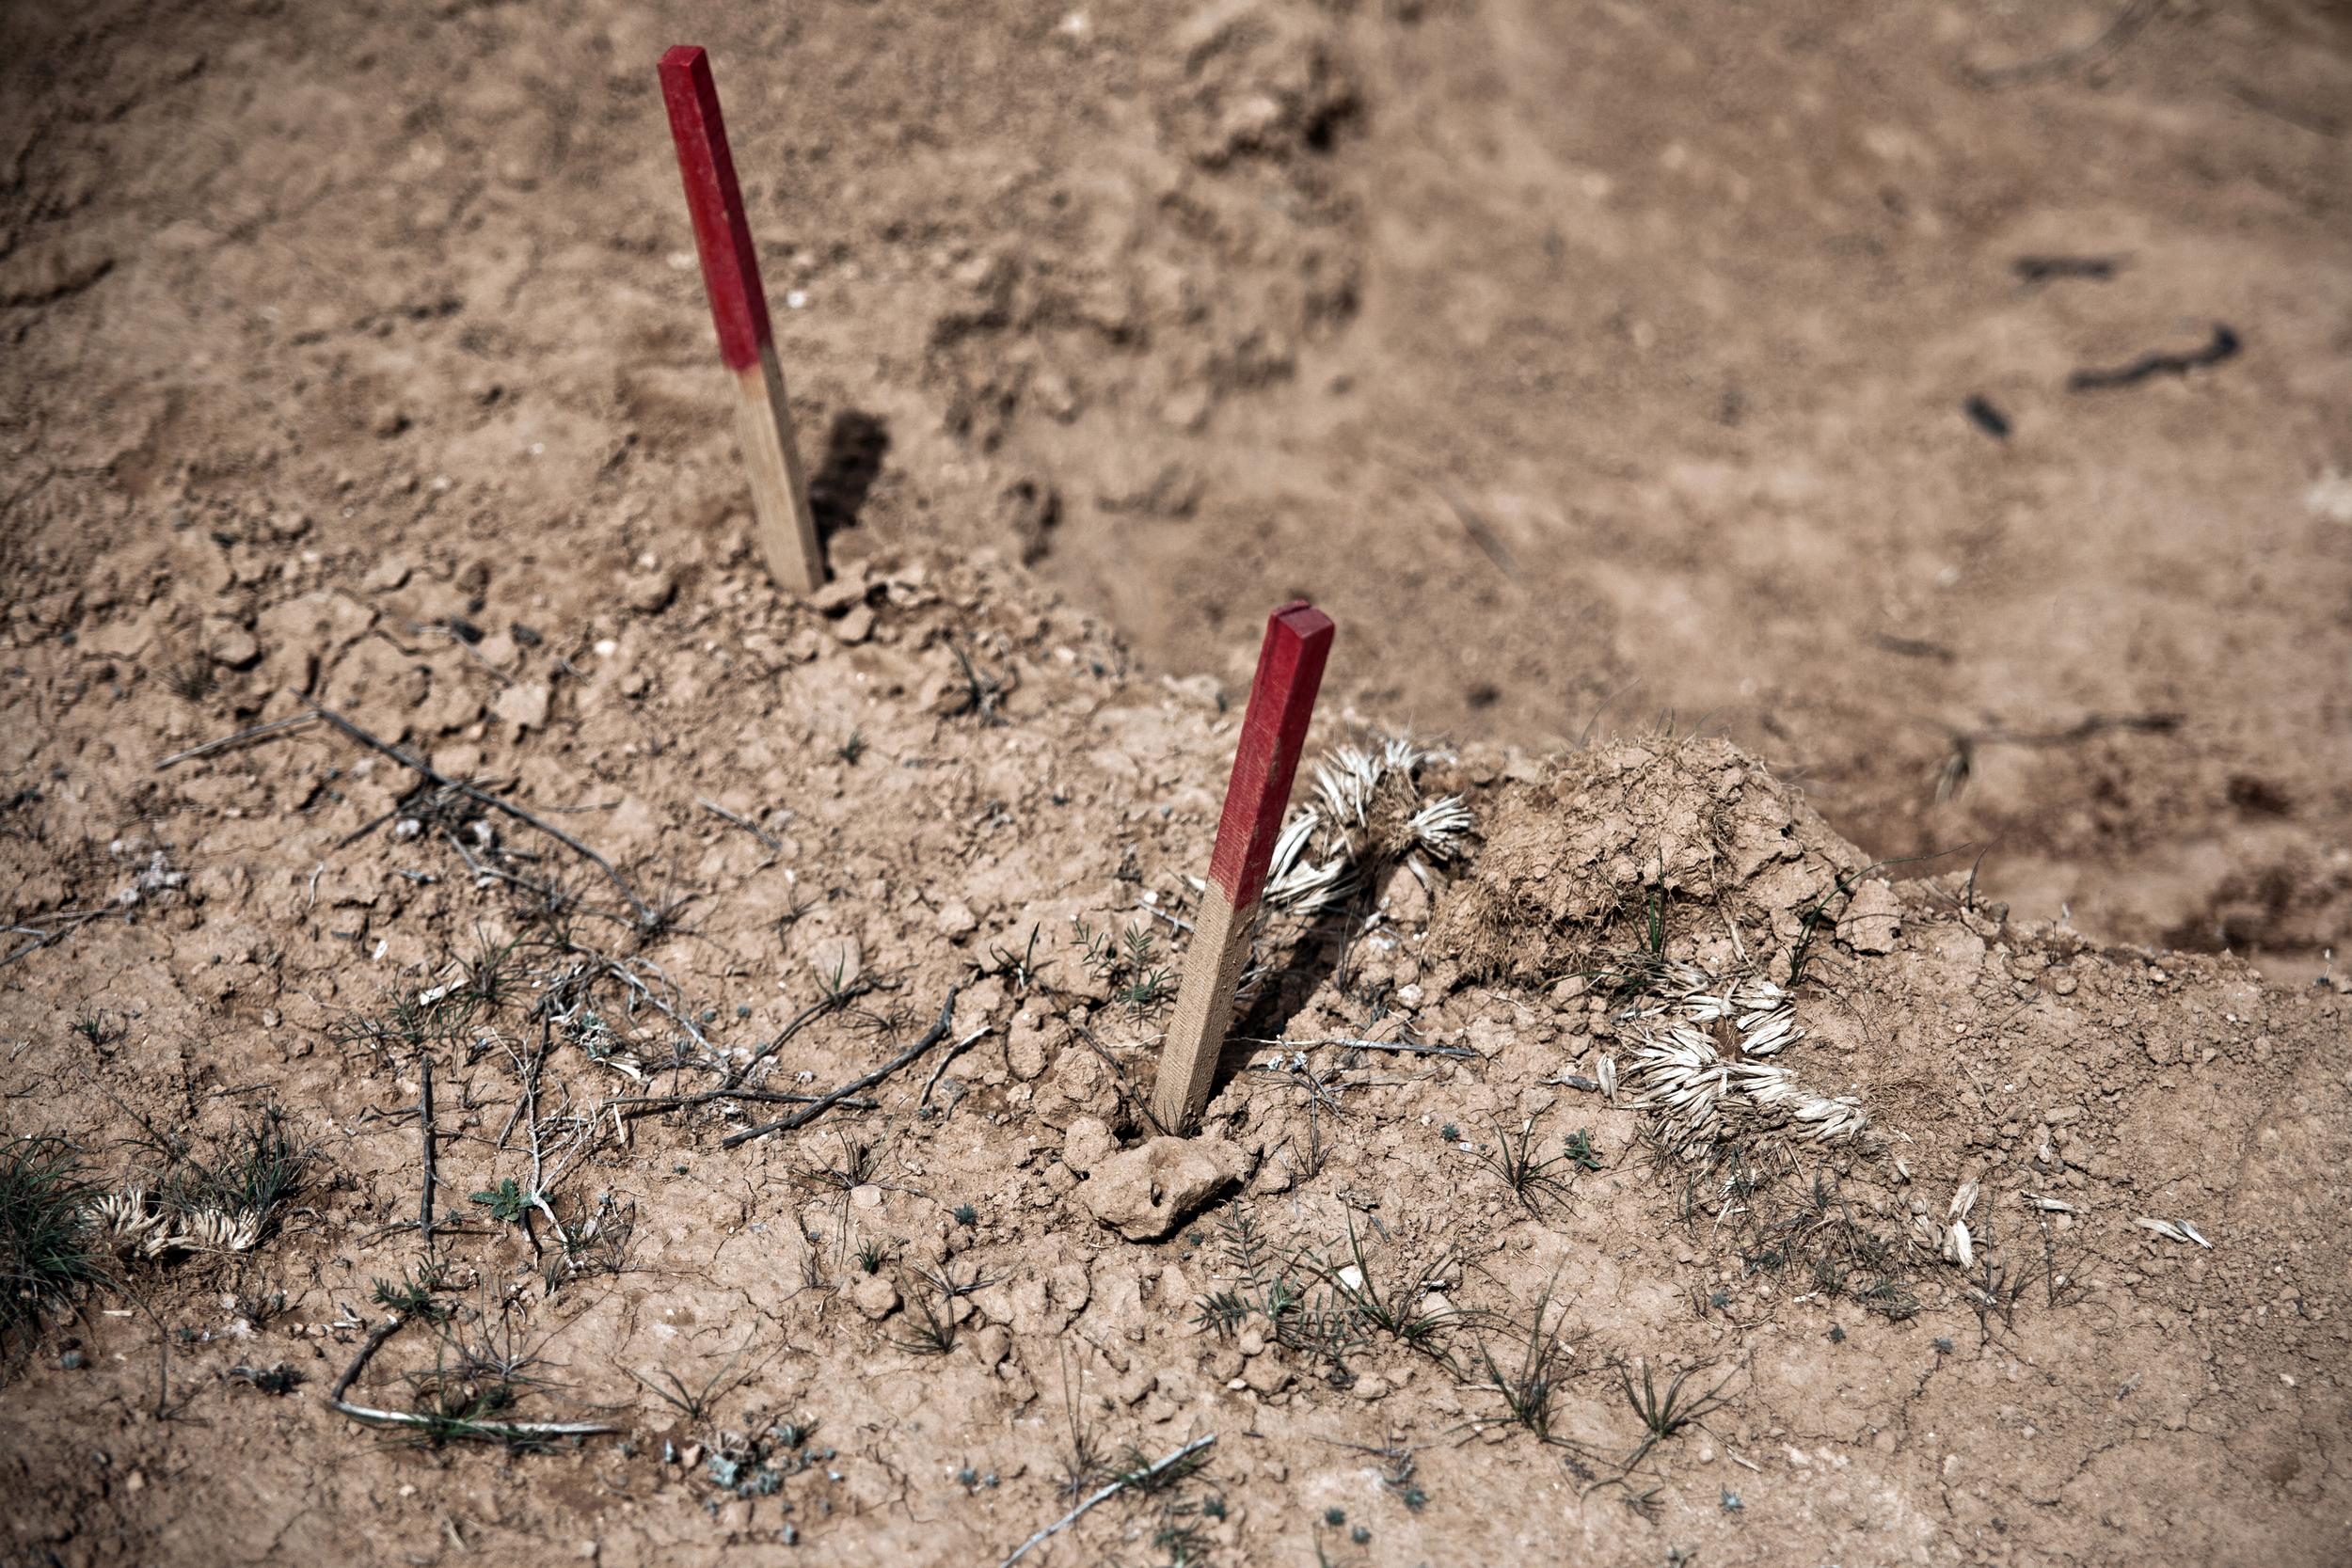 Jordan - The Female Demining Team 21.jpg